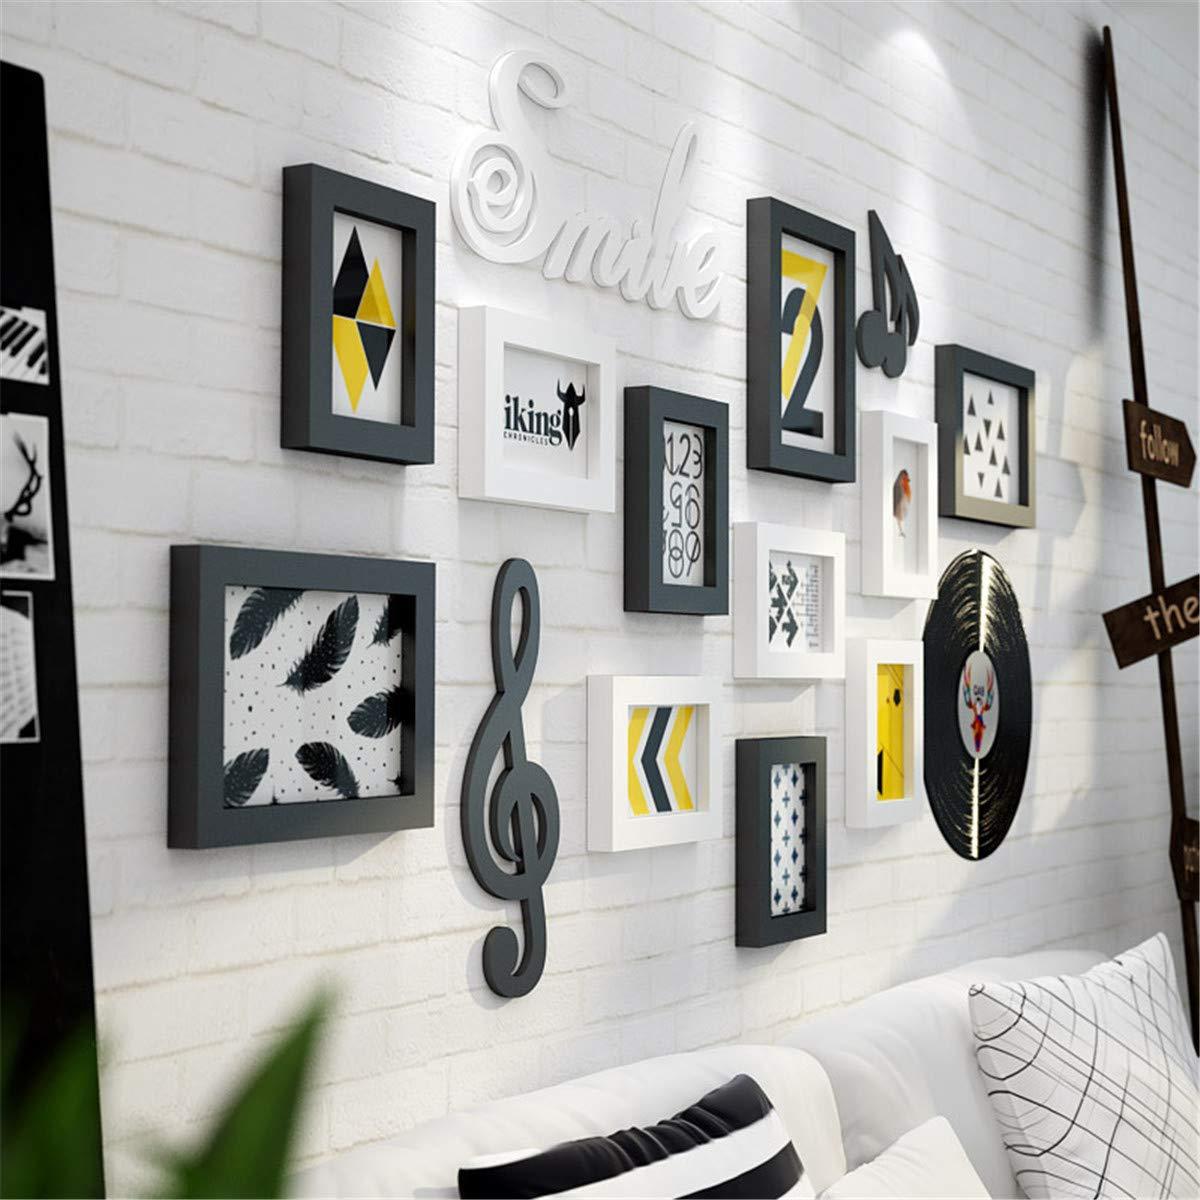 Muro fotográfico Creativo/Muro Creativo para portarretratos/Portaretrato / Pared de Madera, Muro Ocupado 129 * 63cm, Blanco Amarillo Claro (Excepto los ...